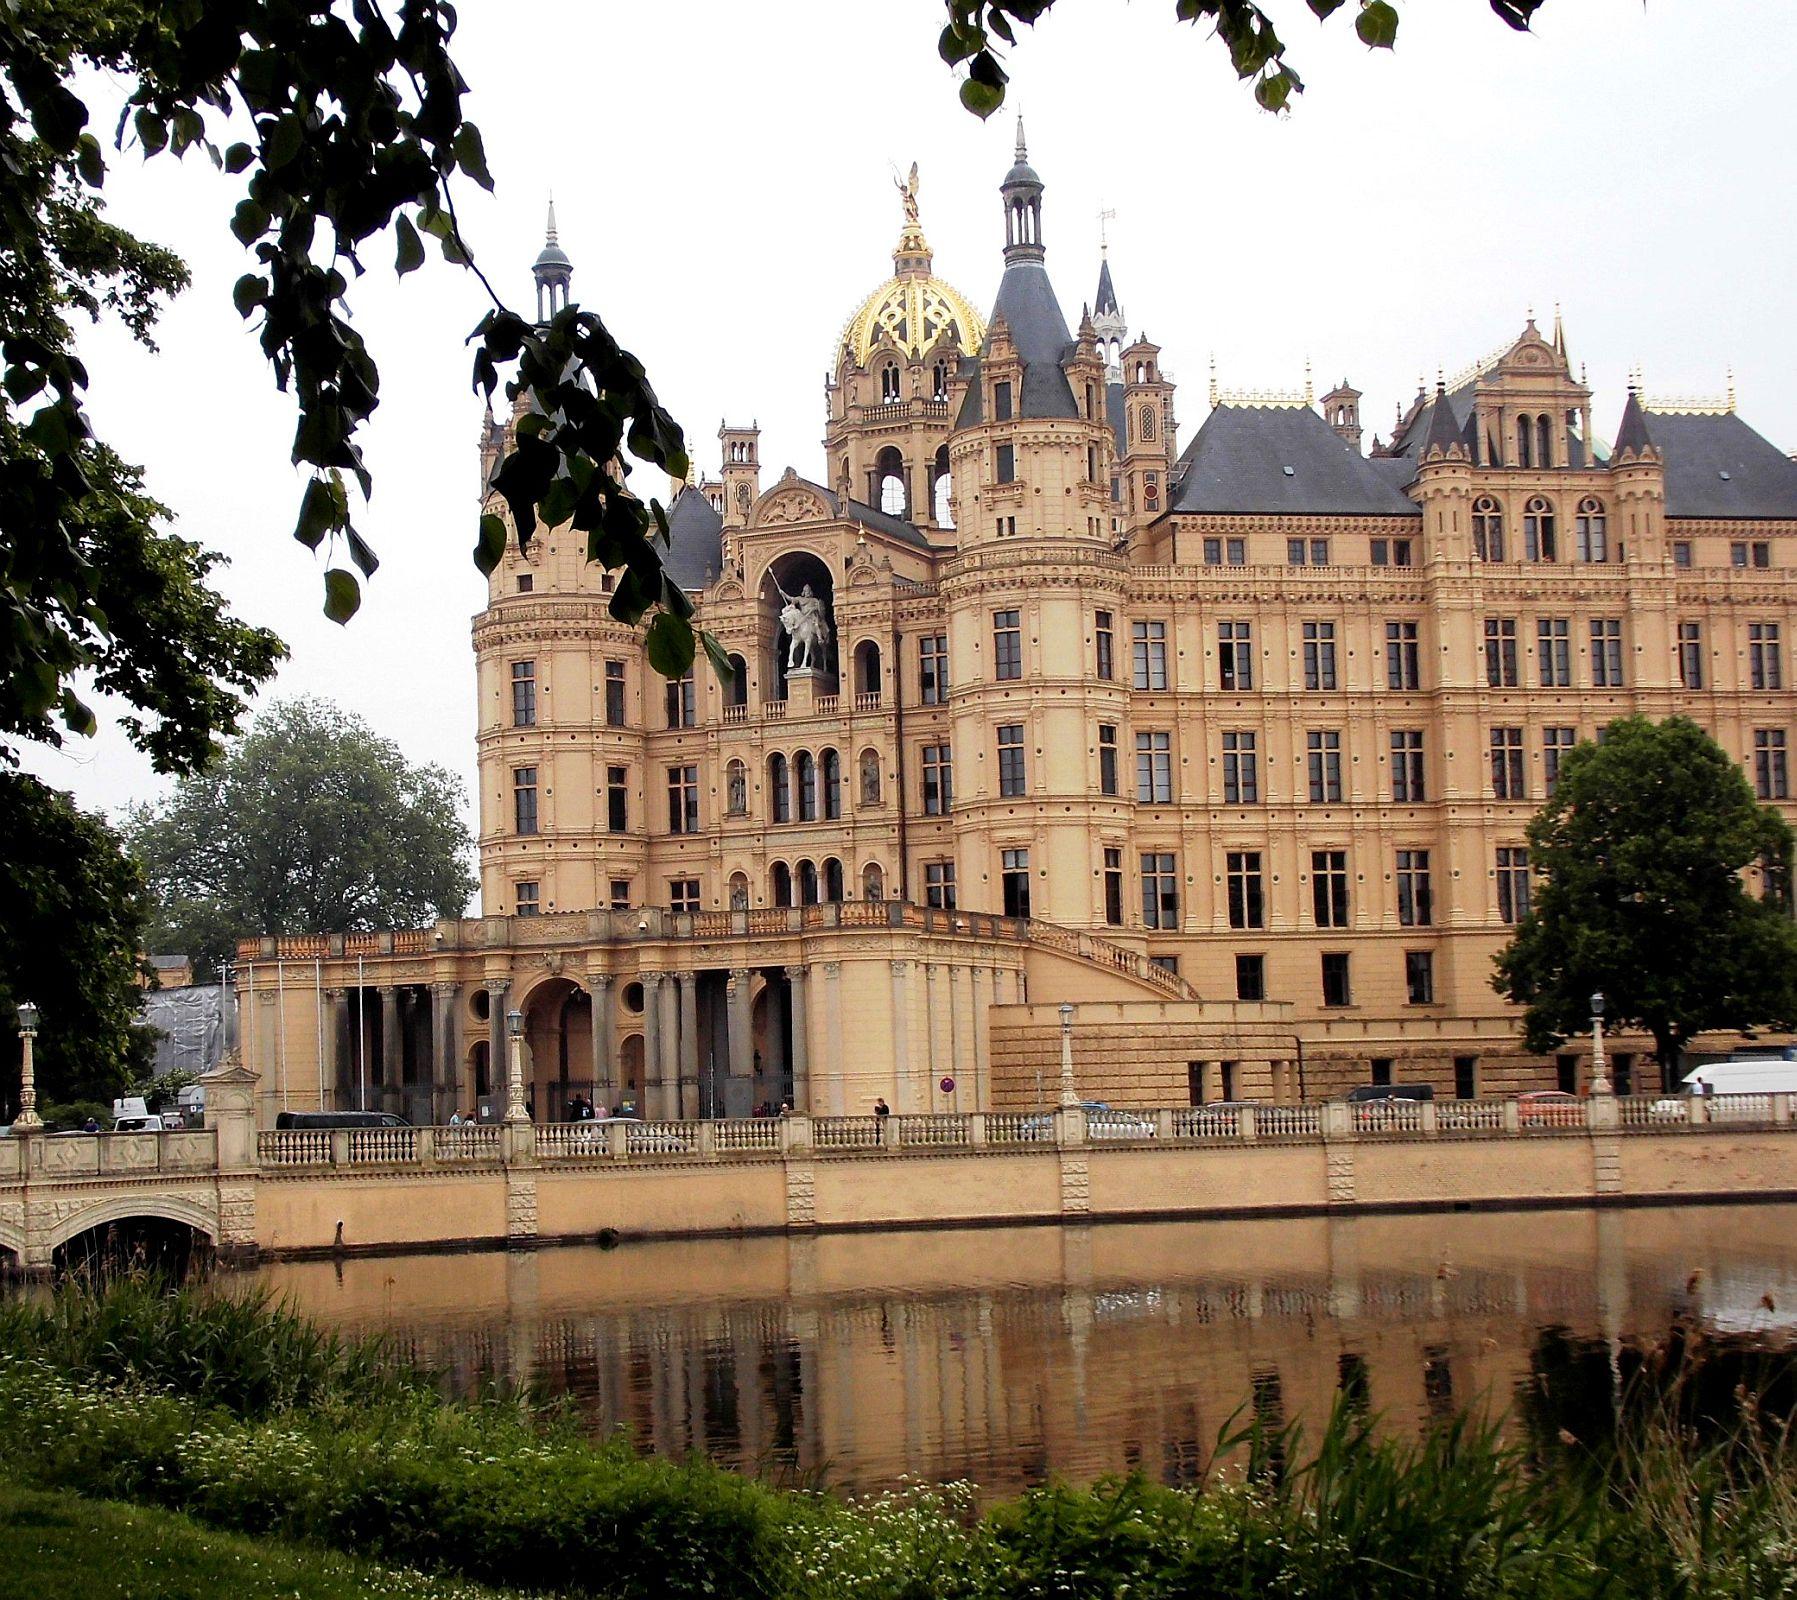 Zamek w Schwerinie, siedziba parlamentu Meklemburgii-Pomorza Przedniego - © Oberste Landesplanungsbehörde, 31.05.2016